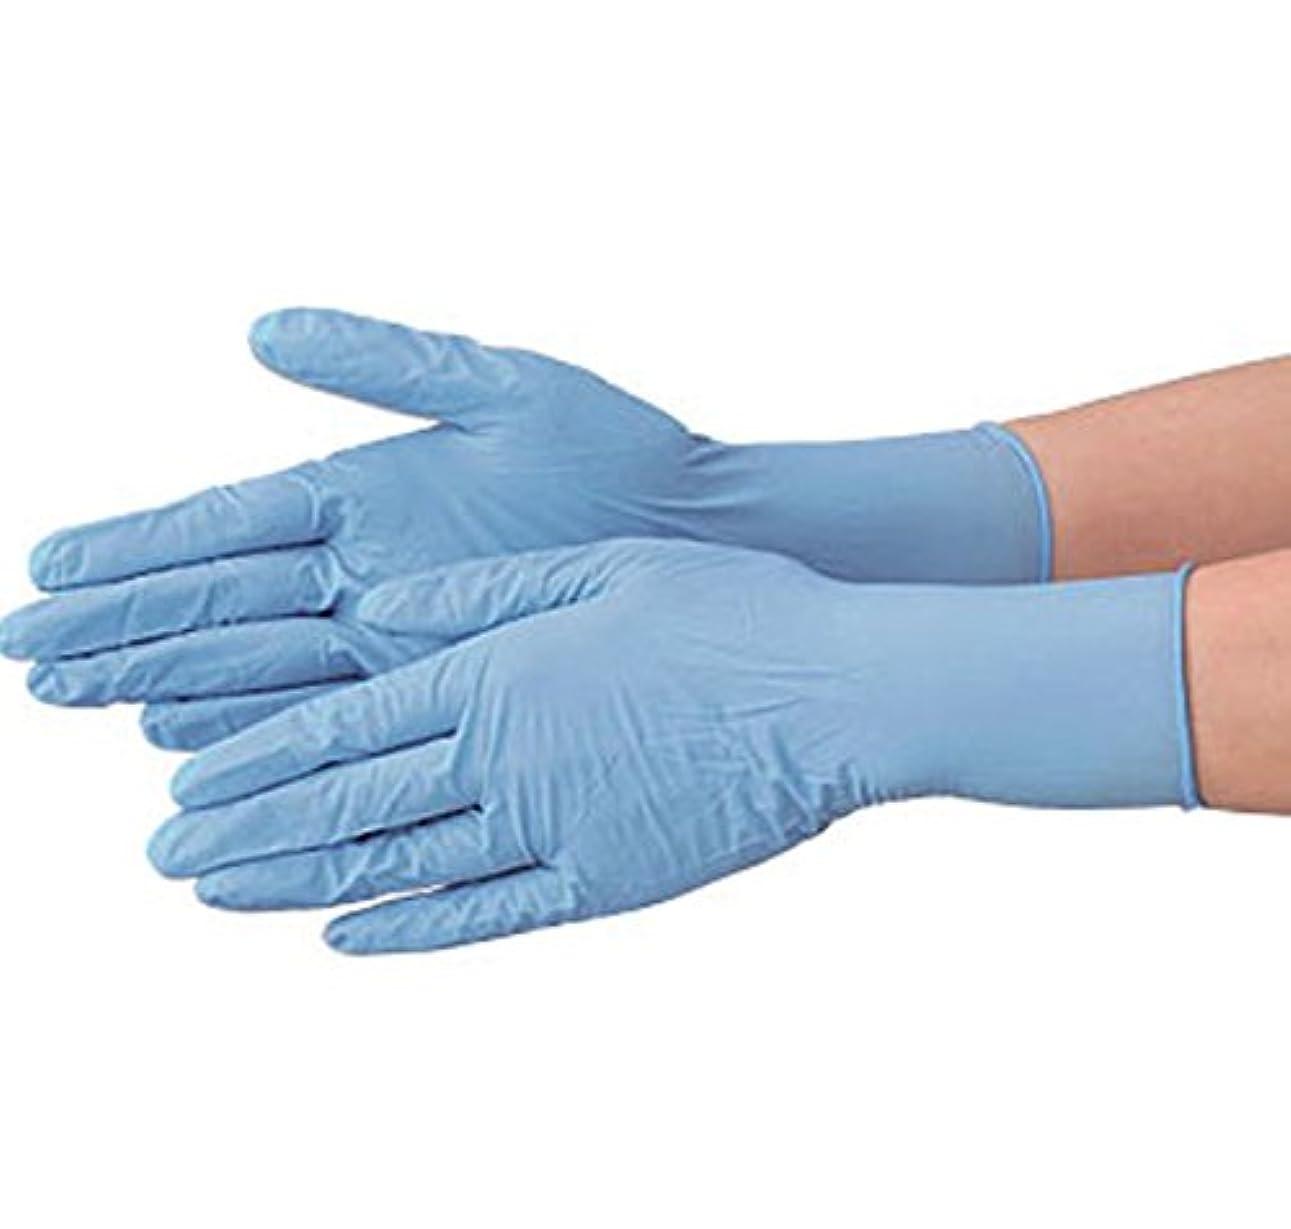 使い捨て 手袋 エブノ 526 ディスポニトリル パウダーフリー ホワイト Lサイズ 2ケース(100枚×40箱)